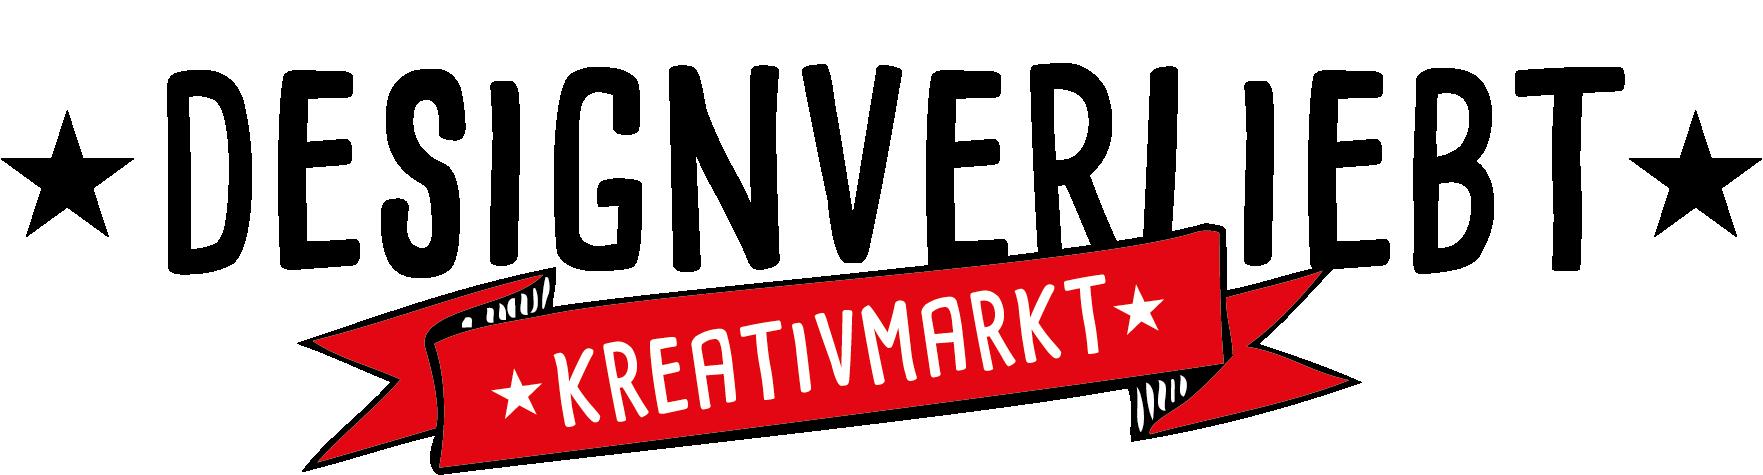 Logo-Designverliebt-Kreativmarkt